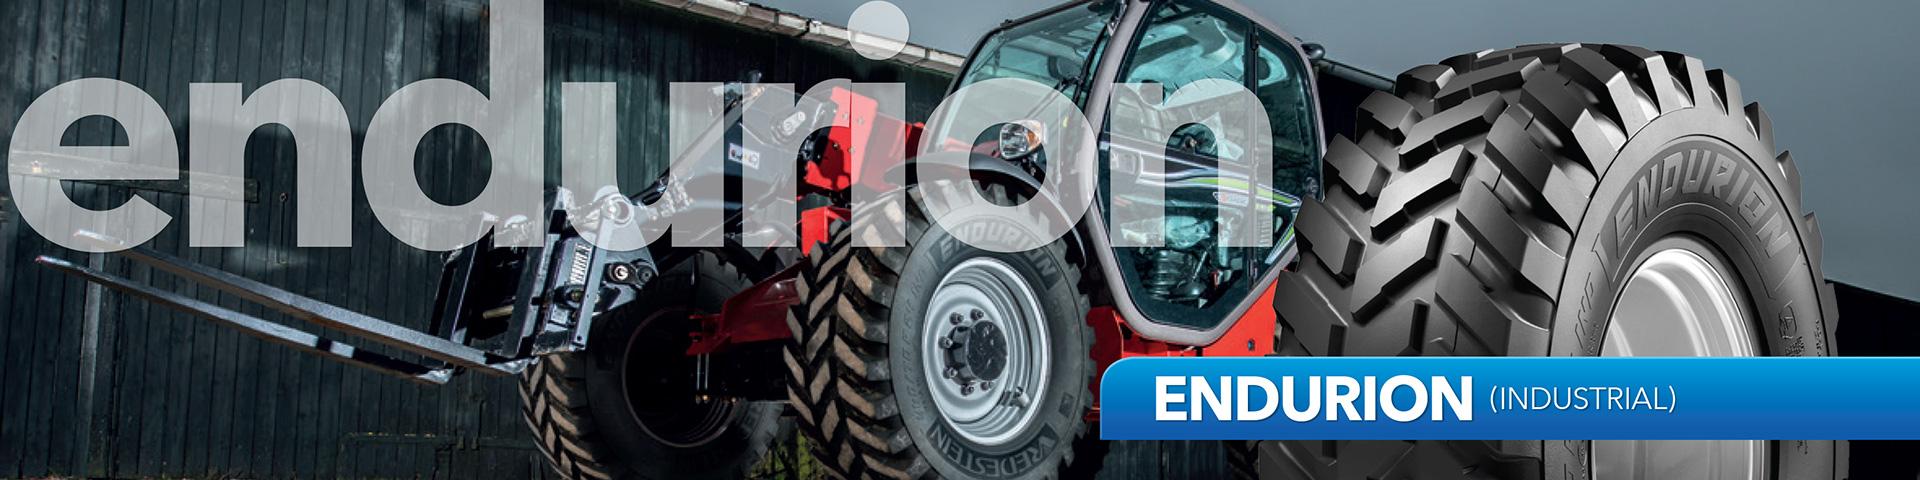 Vredestein Endurion tyres